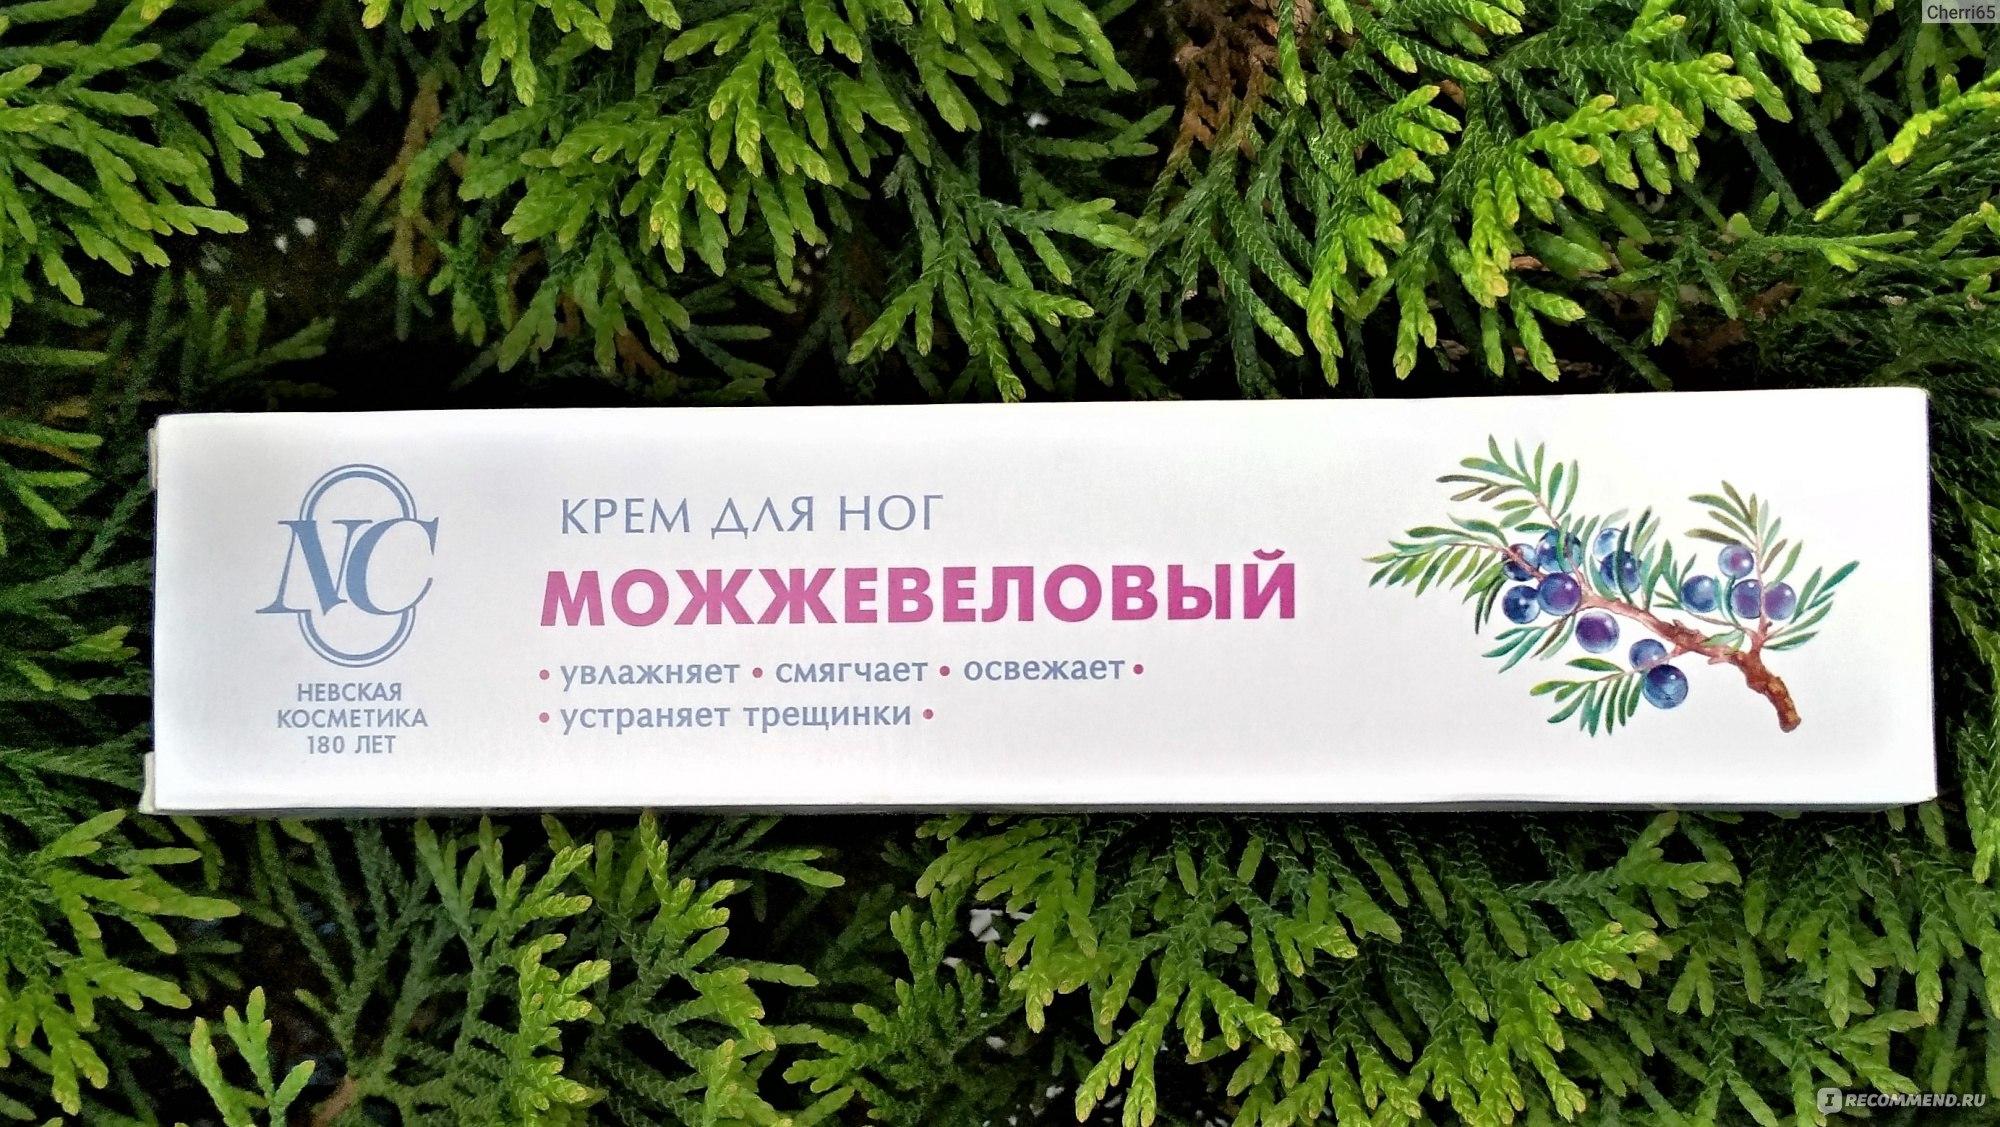 Крем можжевеловый невская косметика купить эйвон парфюмерная вода far away